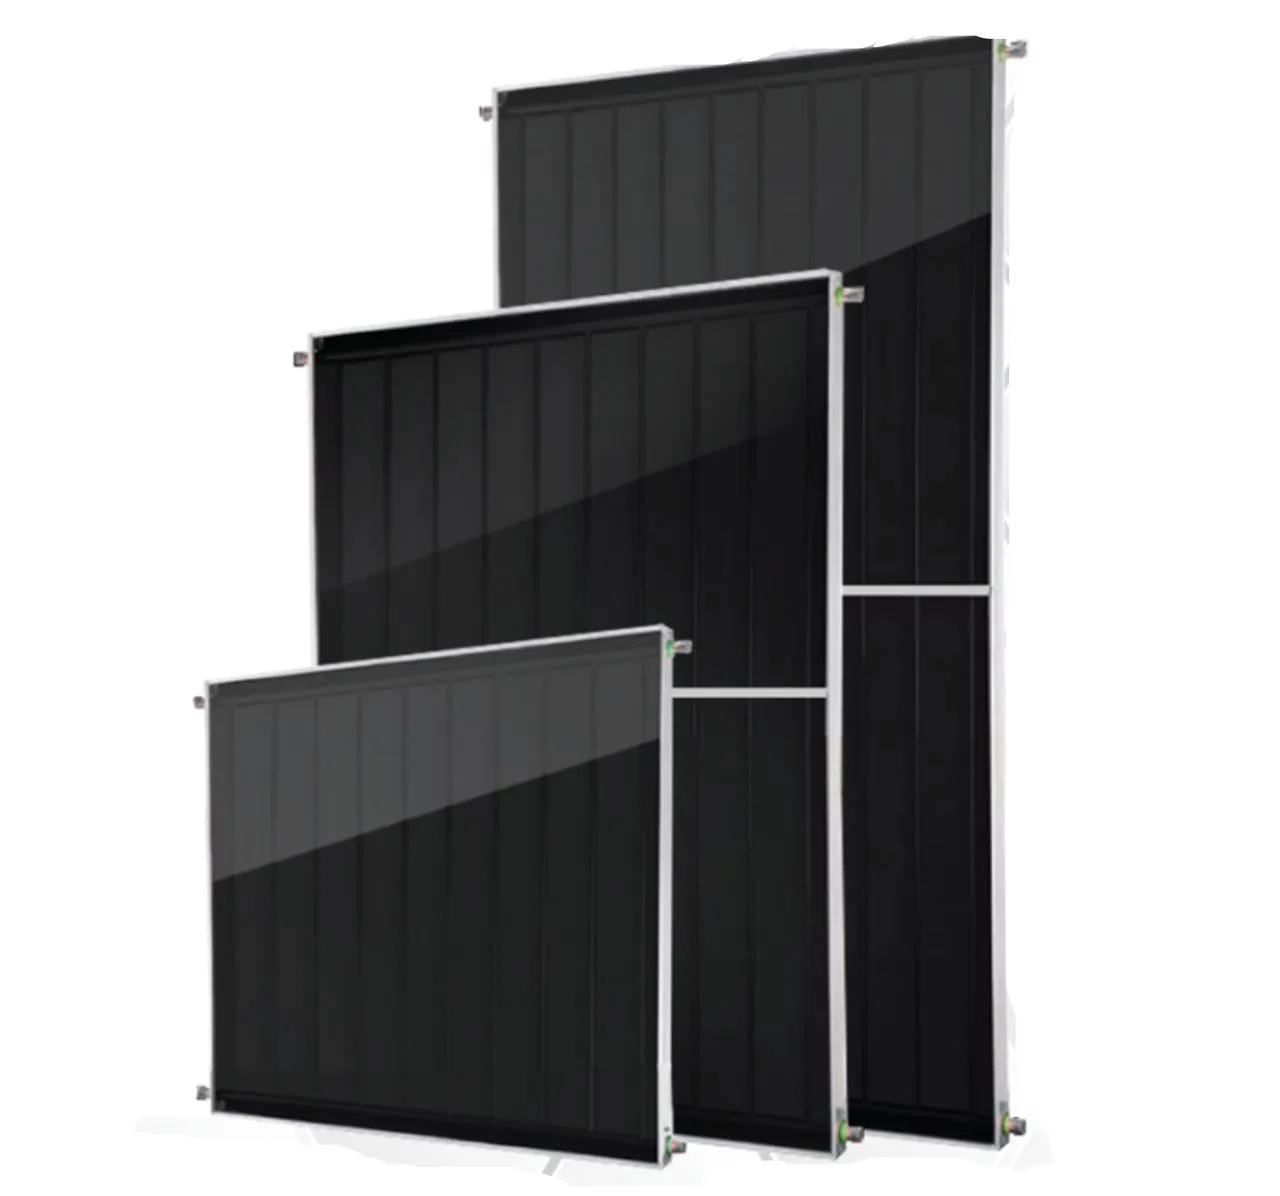 Placa para Aquecedor Solar - Coletor 2x1m Vidro Termo Endurecido